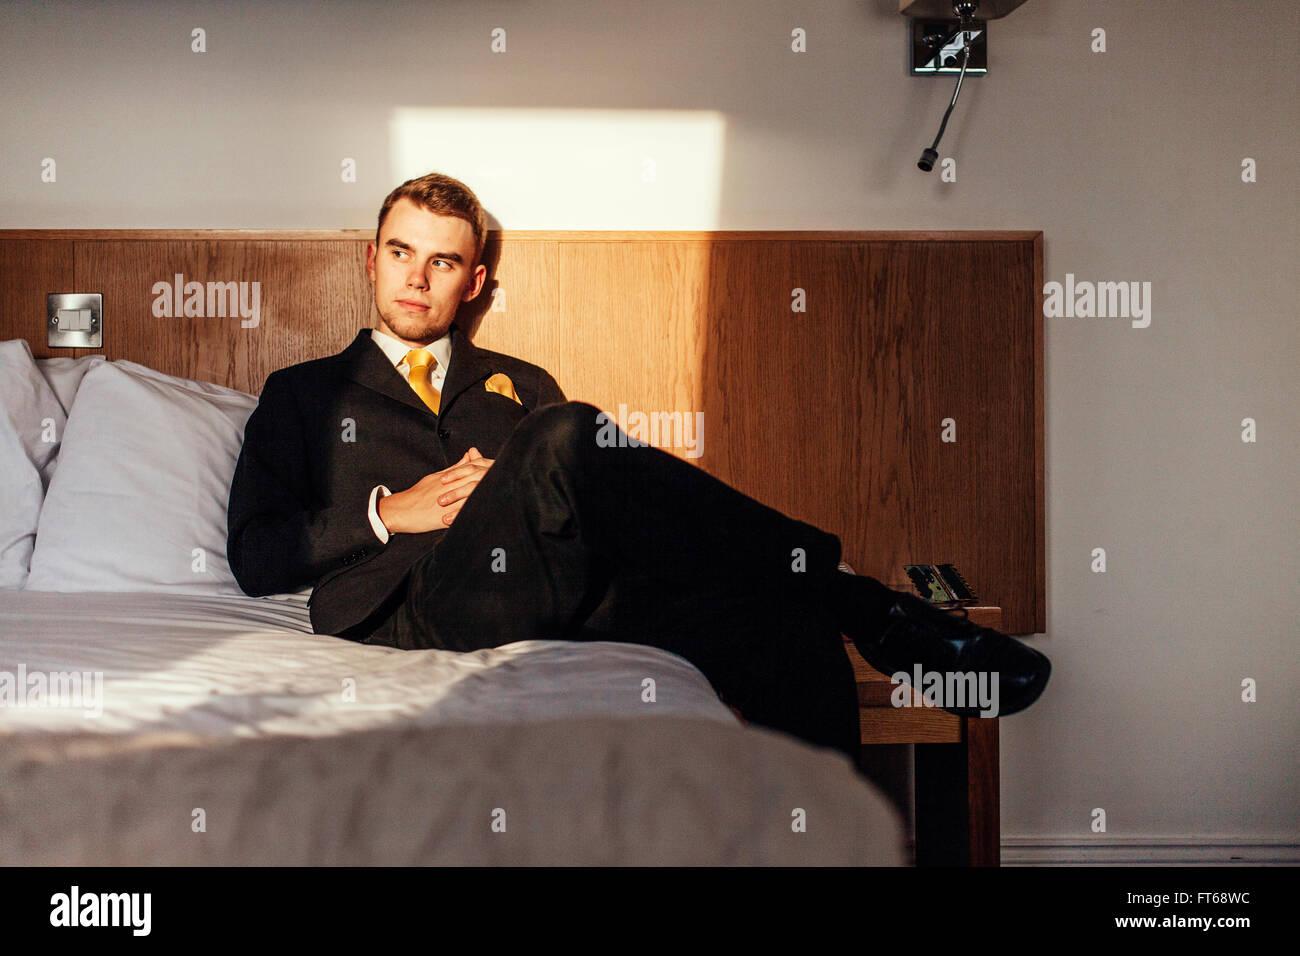 Pensativo bien vestida businessmanman sentada en la cama en la habitación del hotel Imagen De Stock